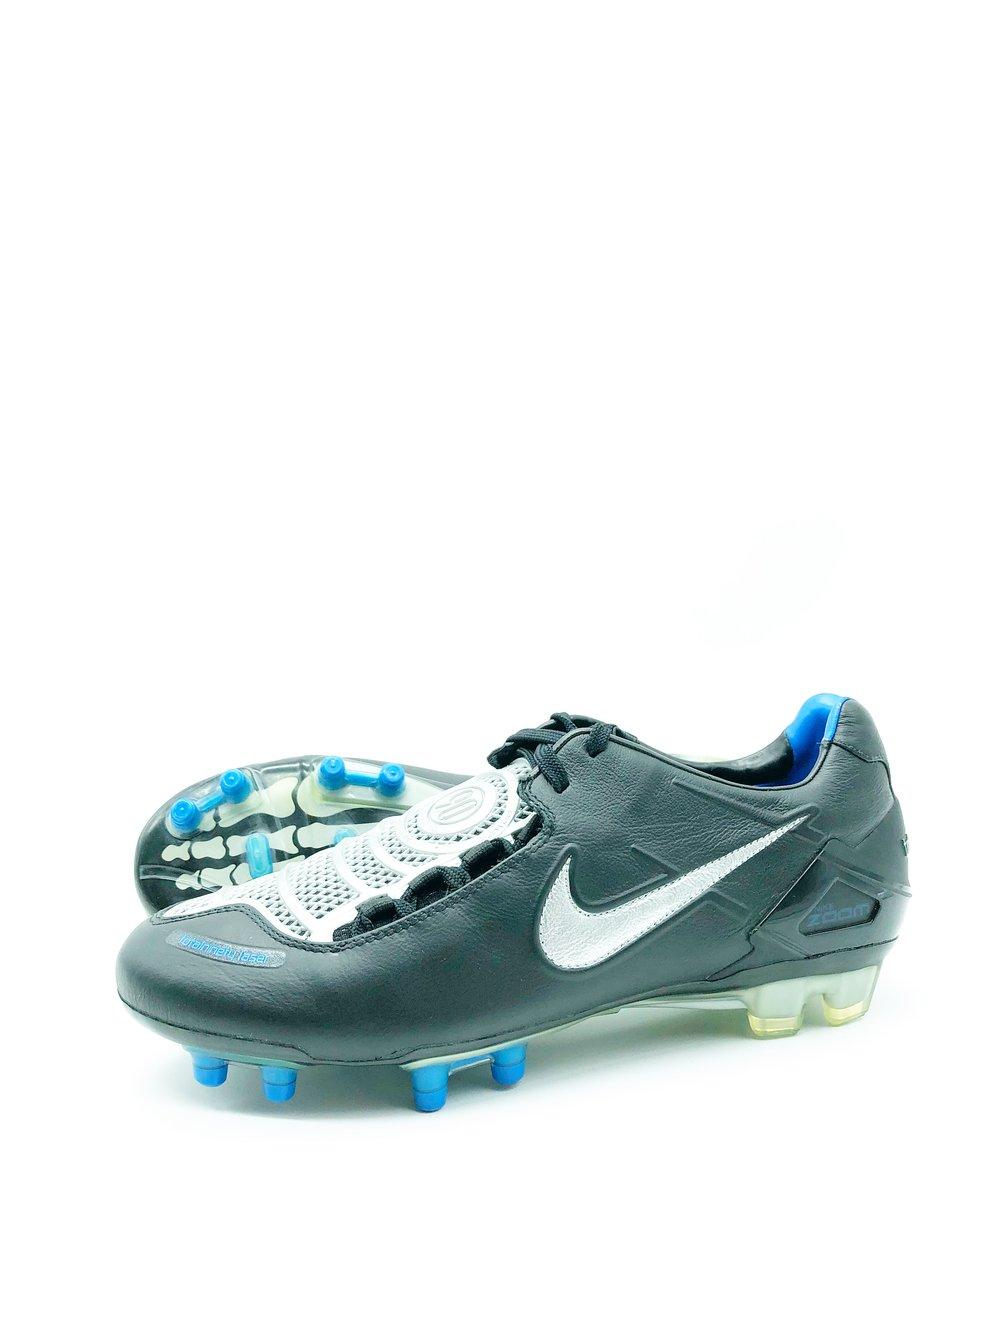 Image of Nike Total90 Laser I FG